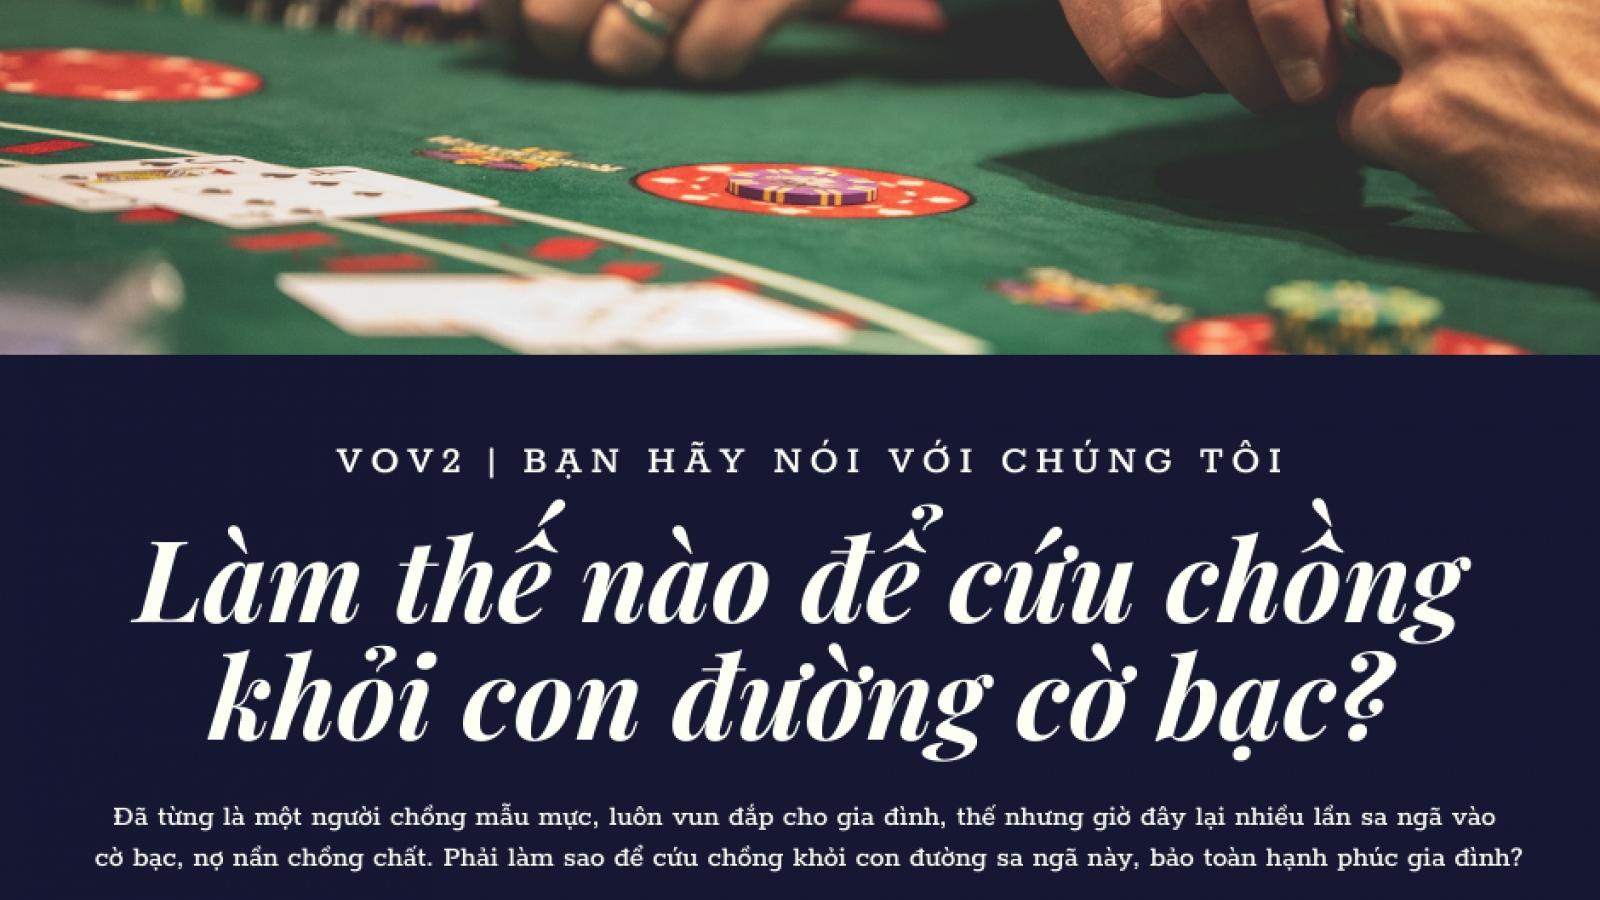 Làm thế nào để cứu chồng khỏi con đường cờ bạc?